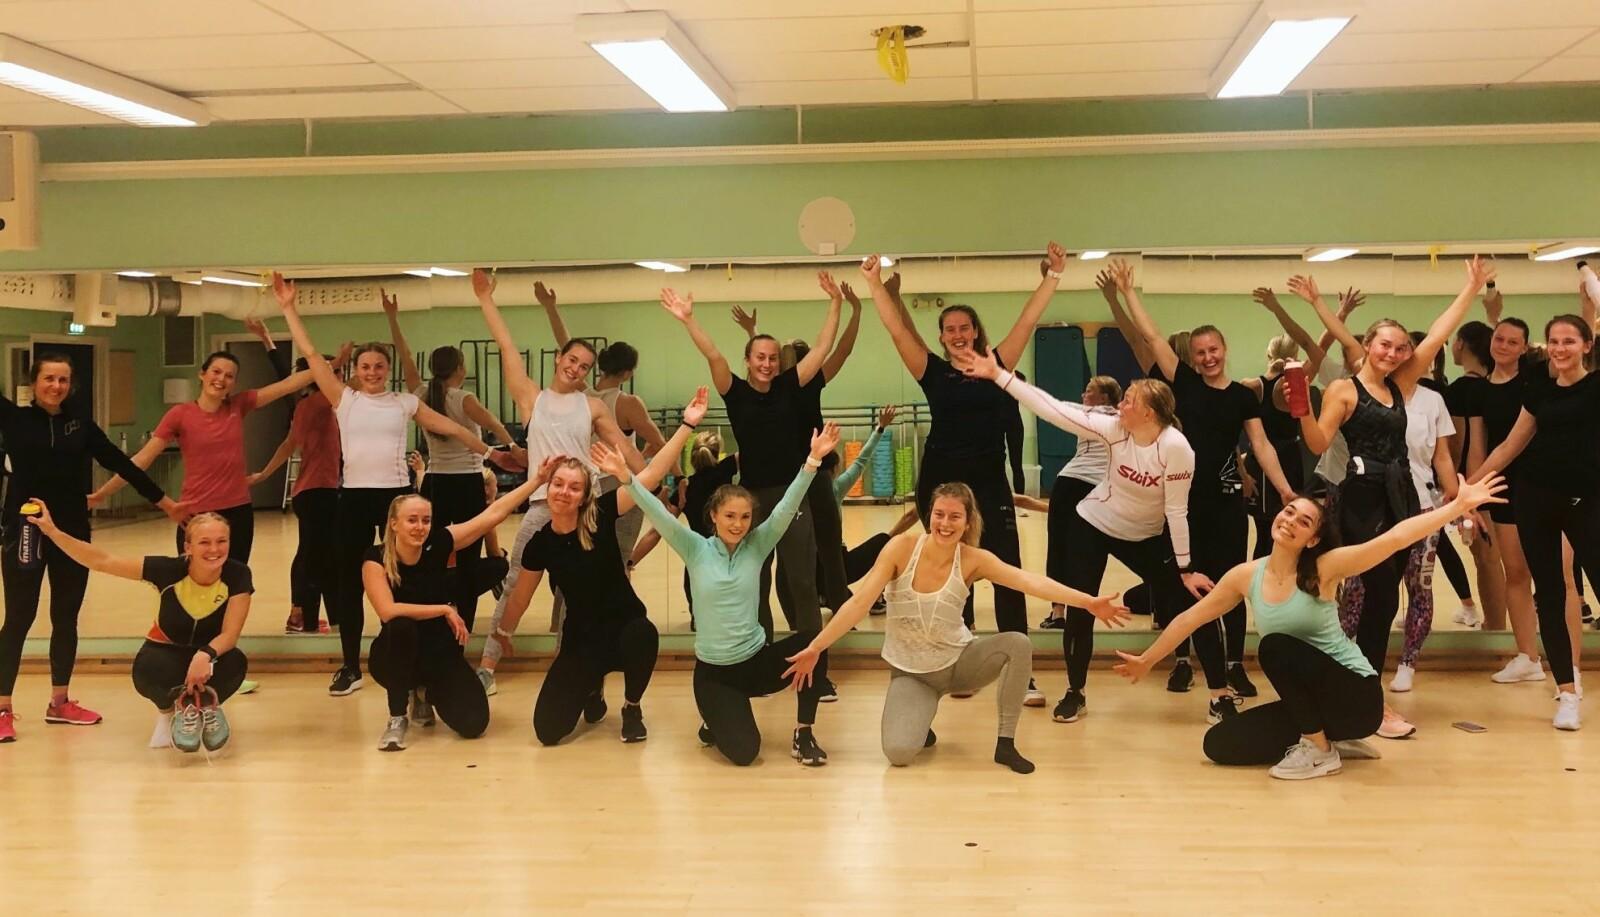 Fysioterapistudenter samles til gruppetrening.